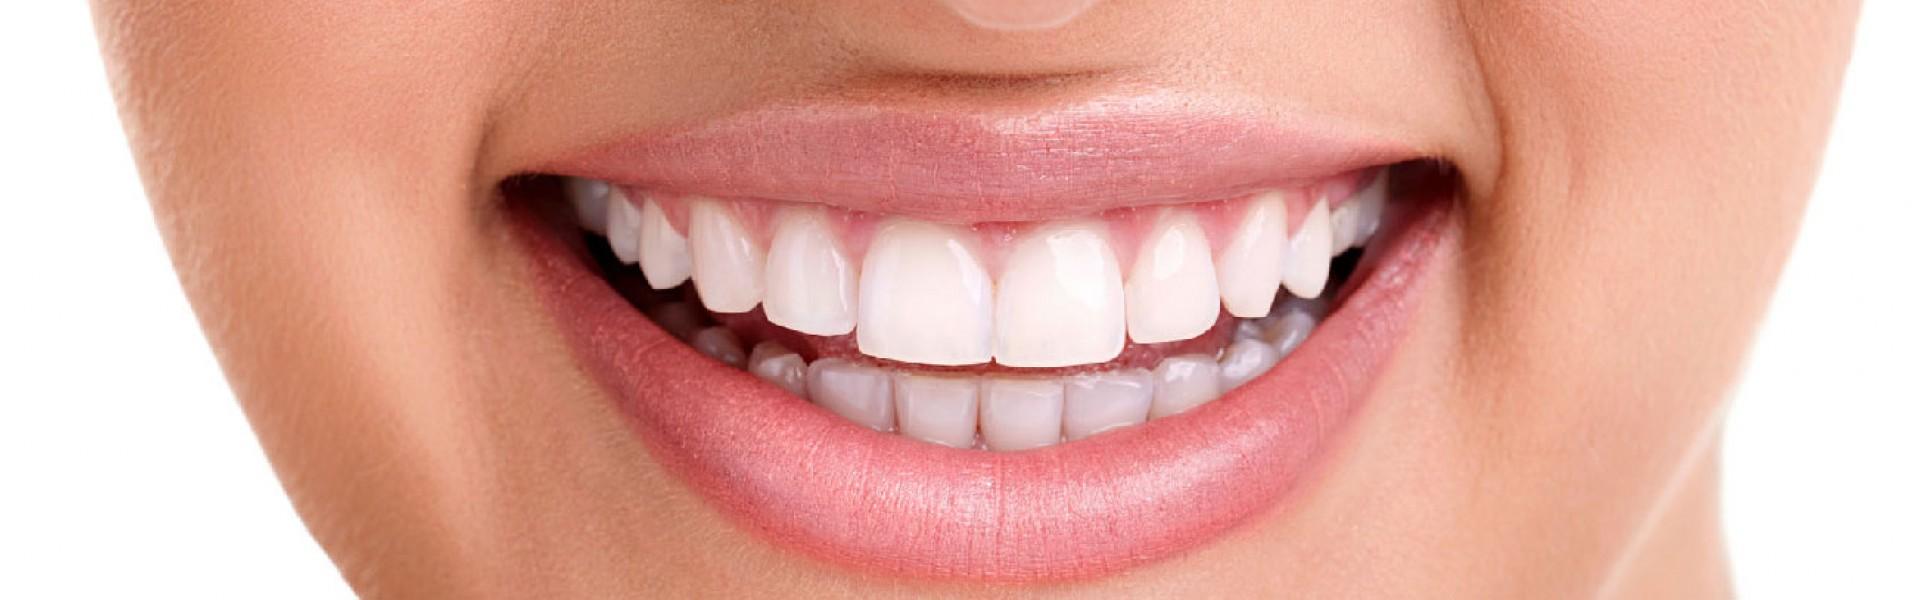 Oral hygiene treatment